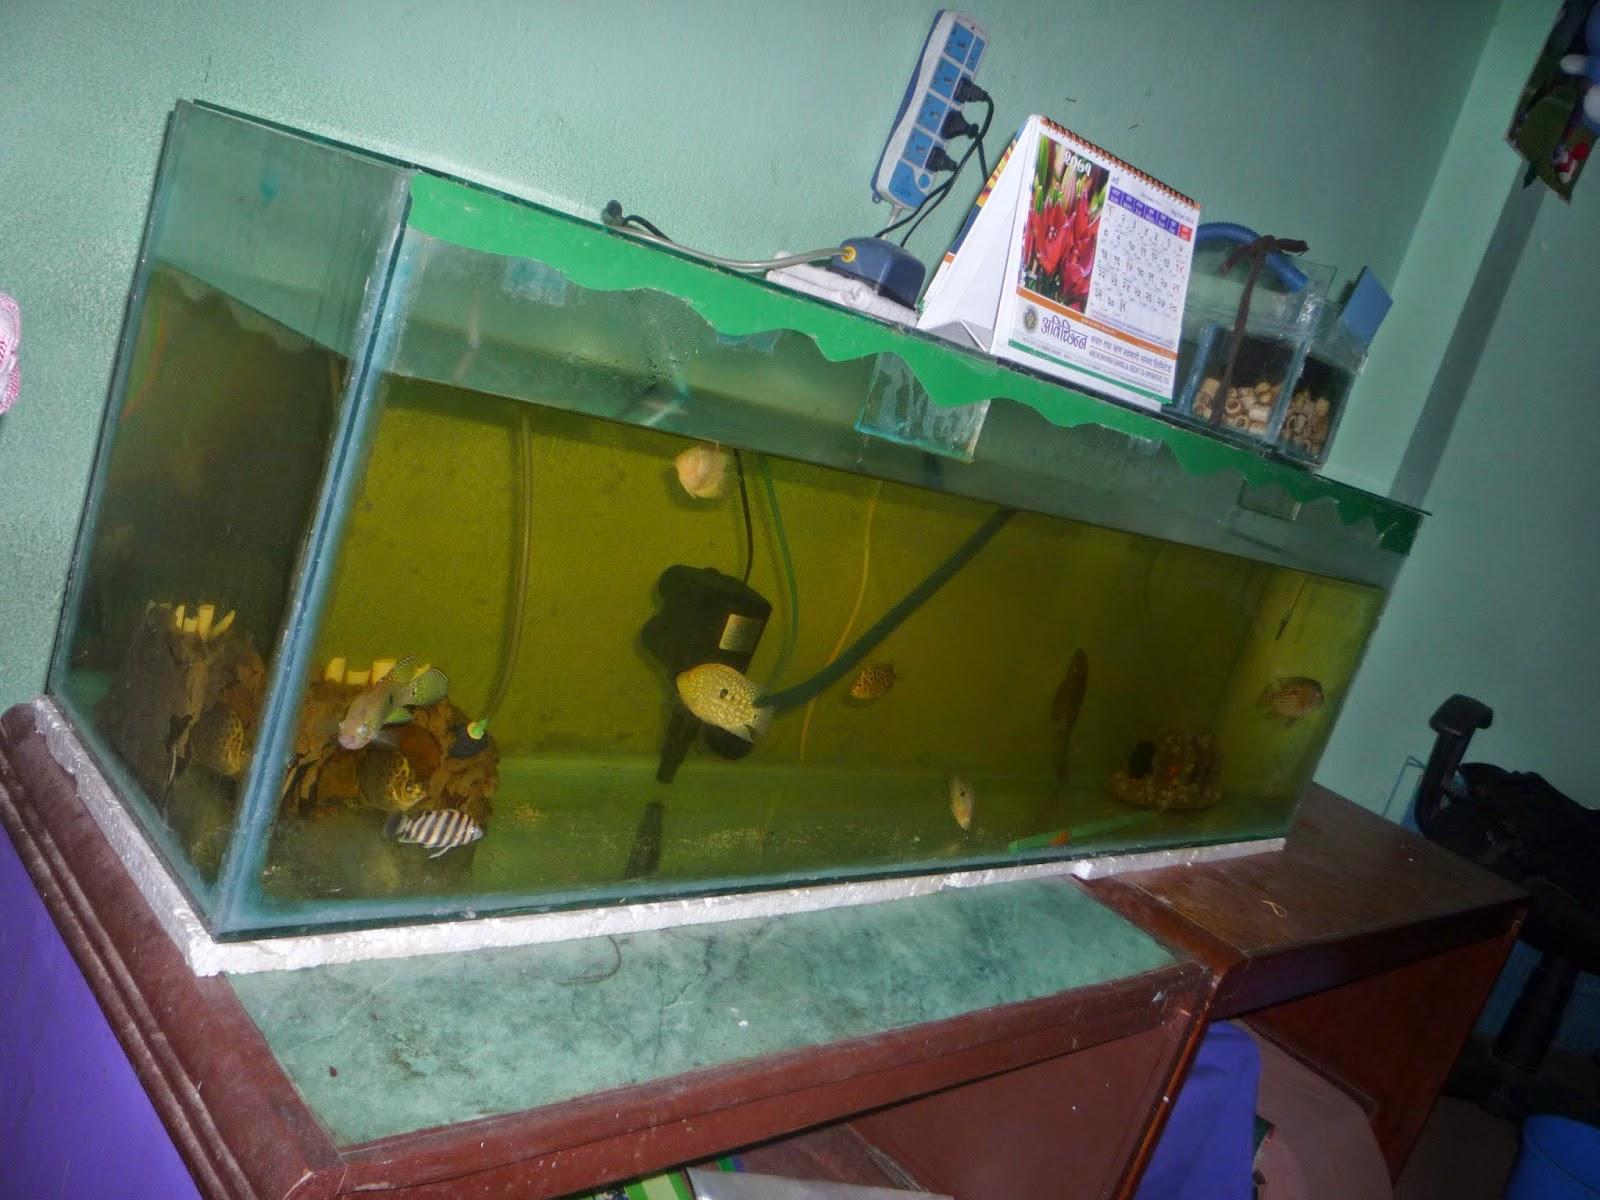 Nerd quari t nepal aquarium stand most important - Aquarium table ...